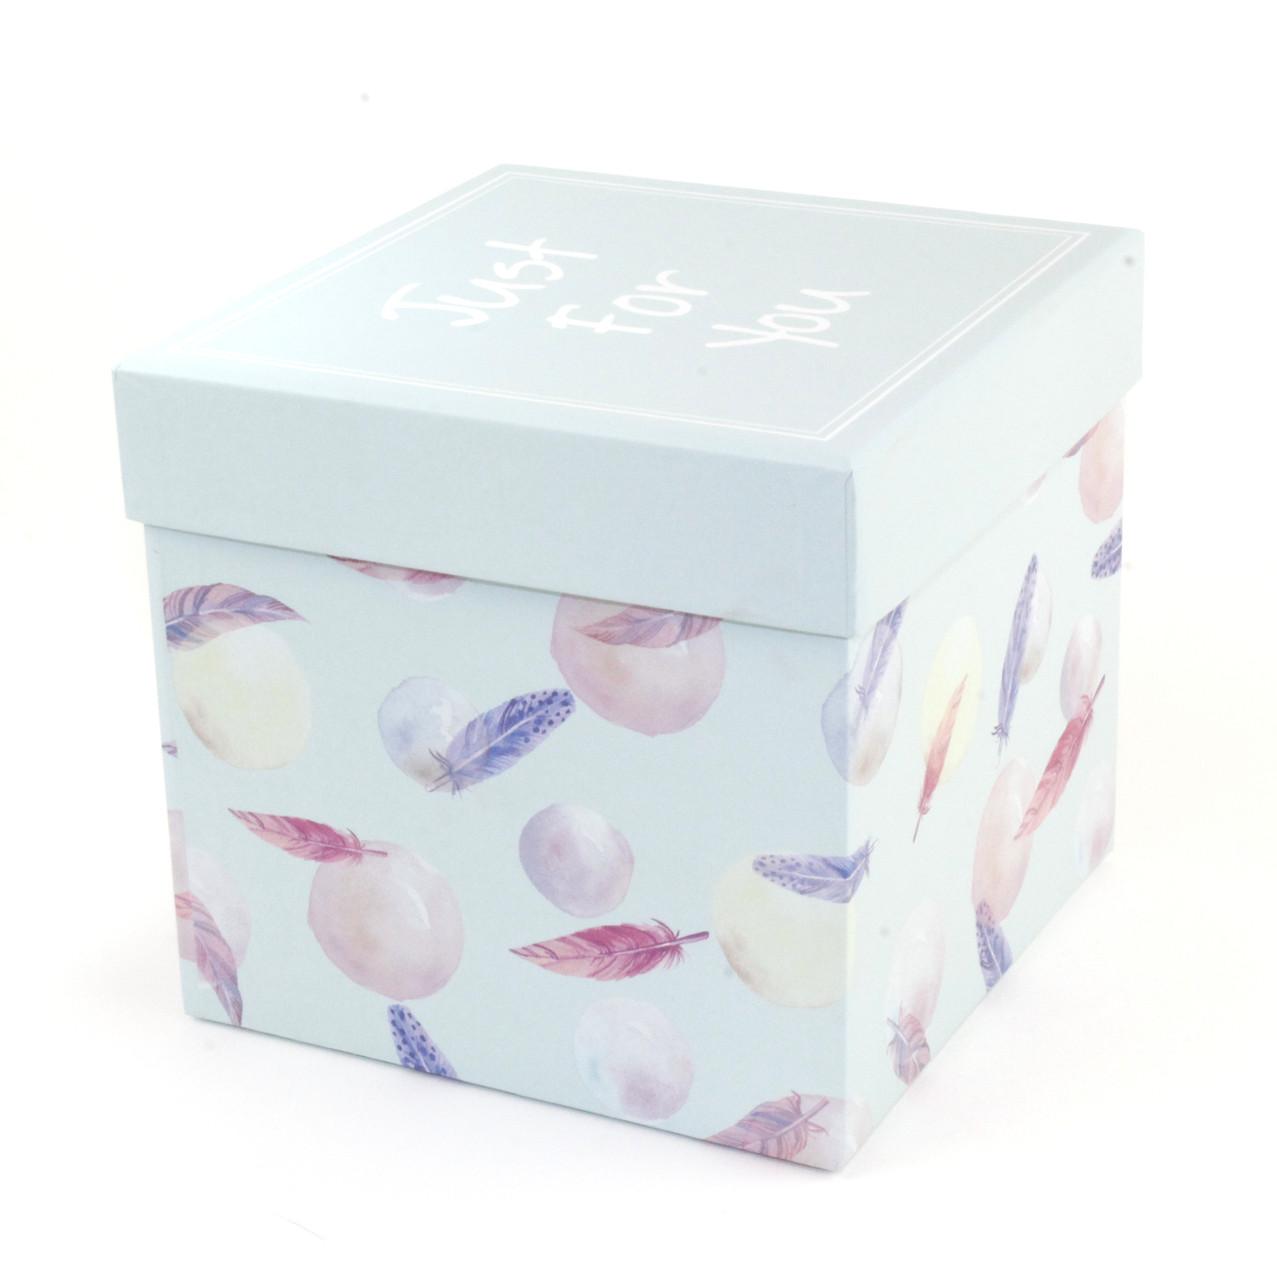 Мятная подарочная коробка Just For You 20.5x20.5x16.5 см